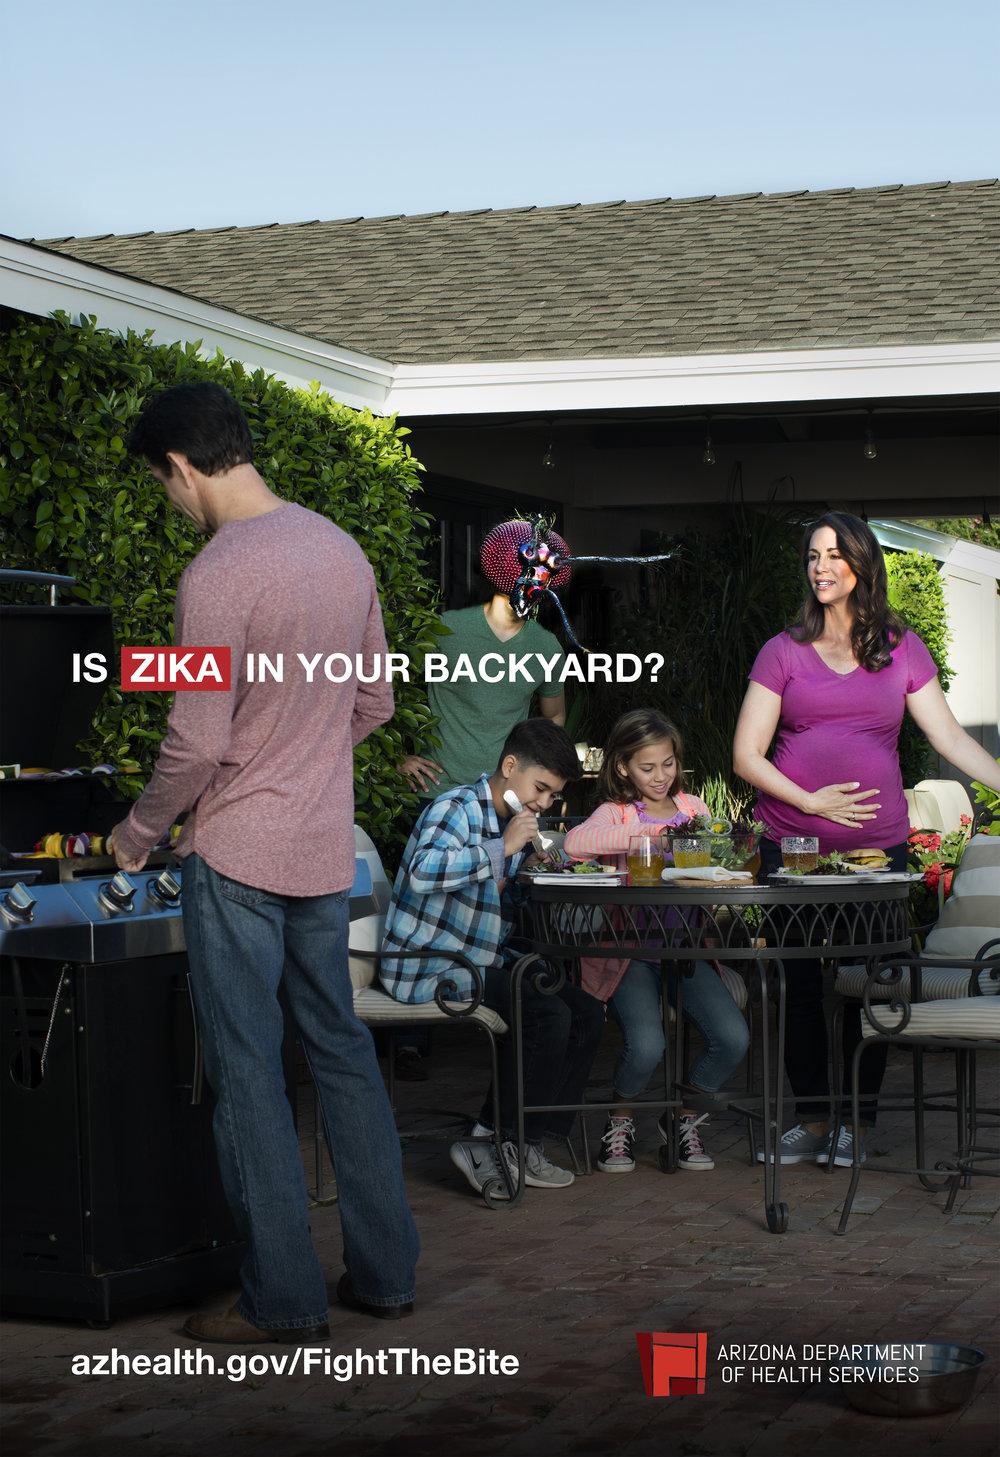 zika-branded-backyardbbq-vertical.jpg